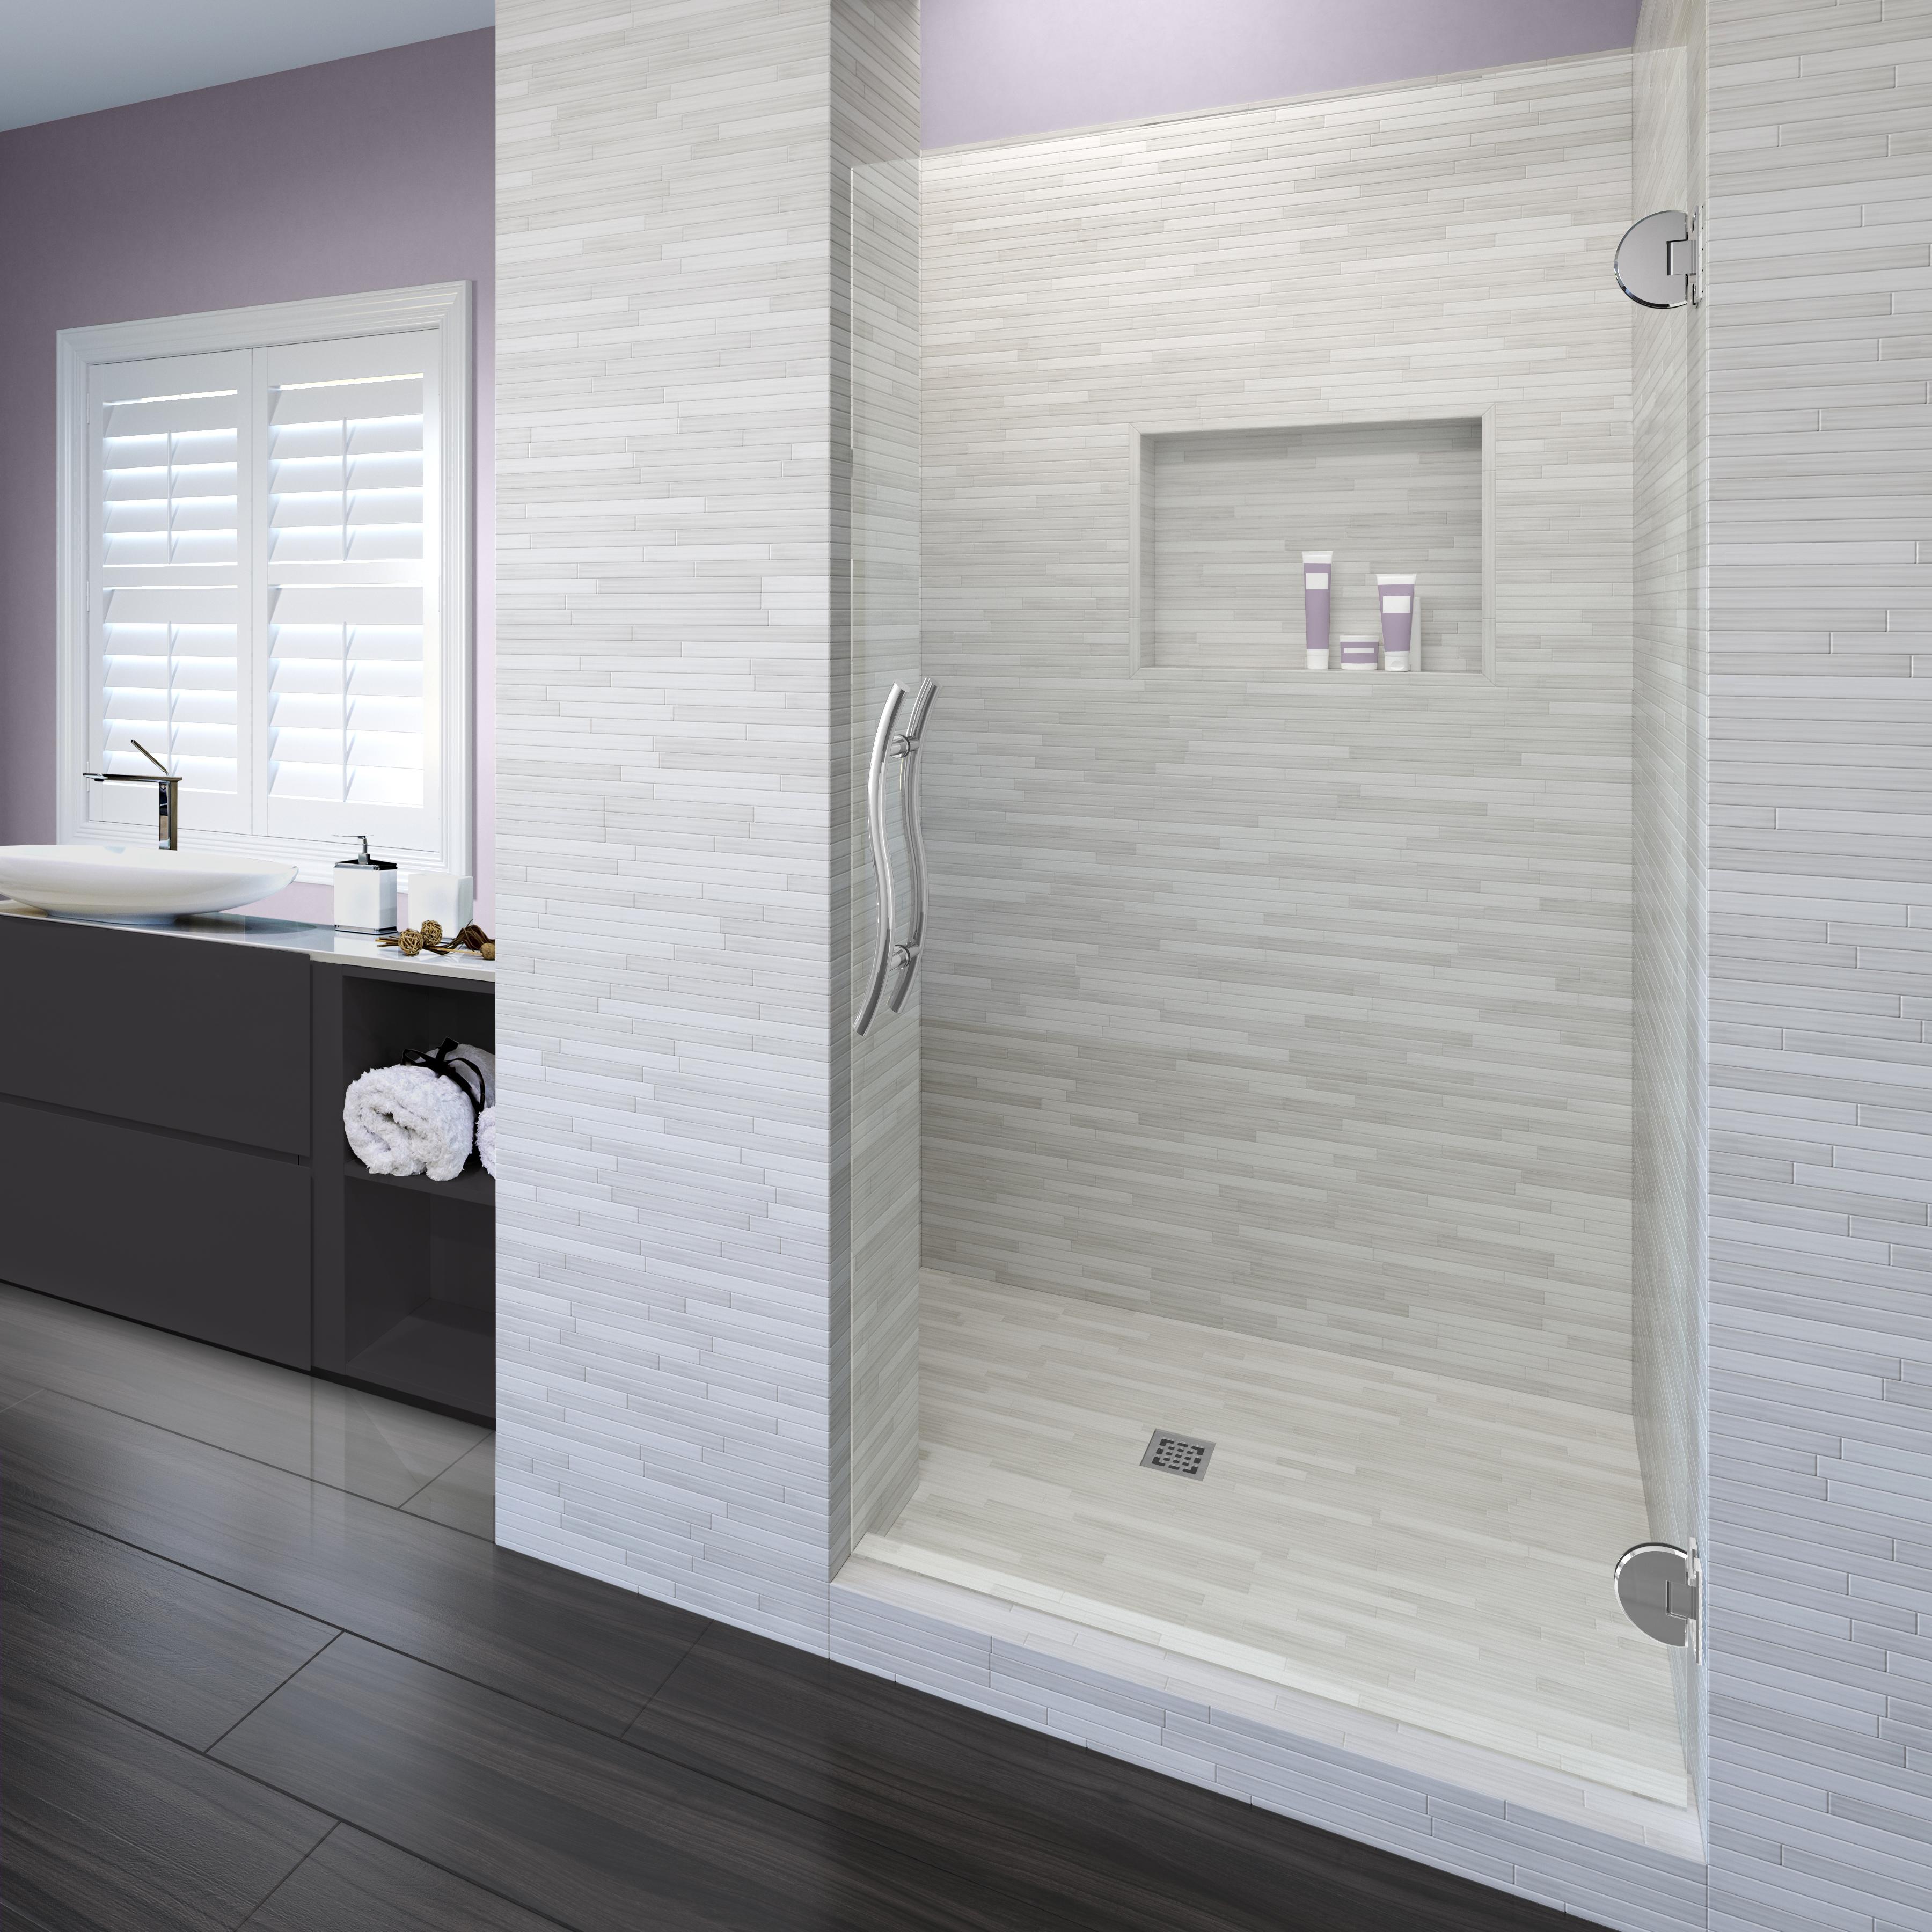 Vonse Frameless 3 8 Inch Glass Swing Shower Door Basco